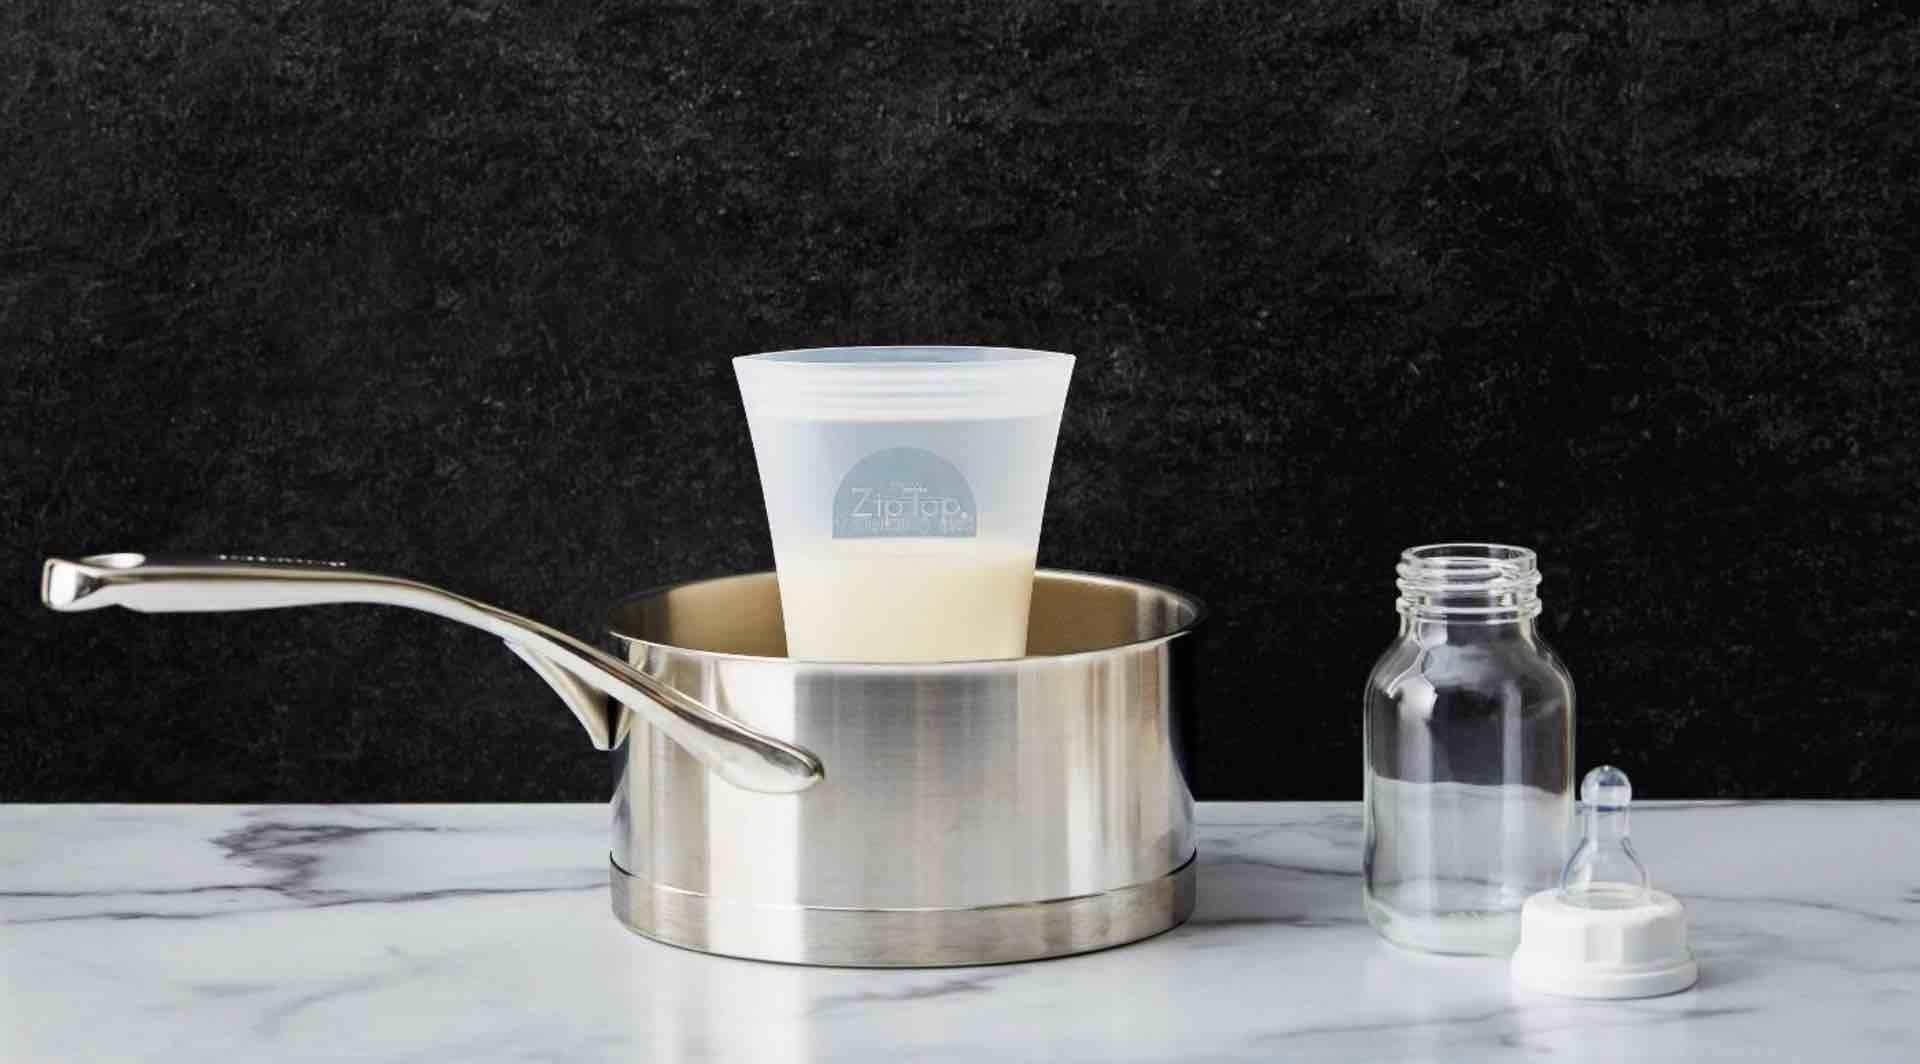 zip-top-platinum-silicone-breast-milk-bags-3